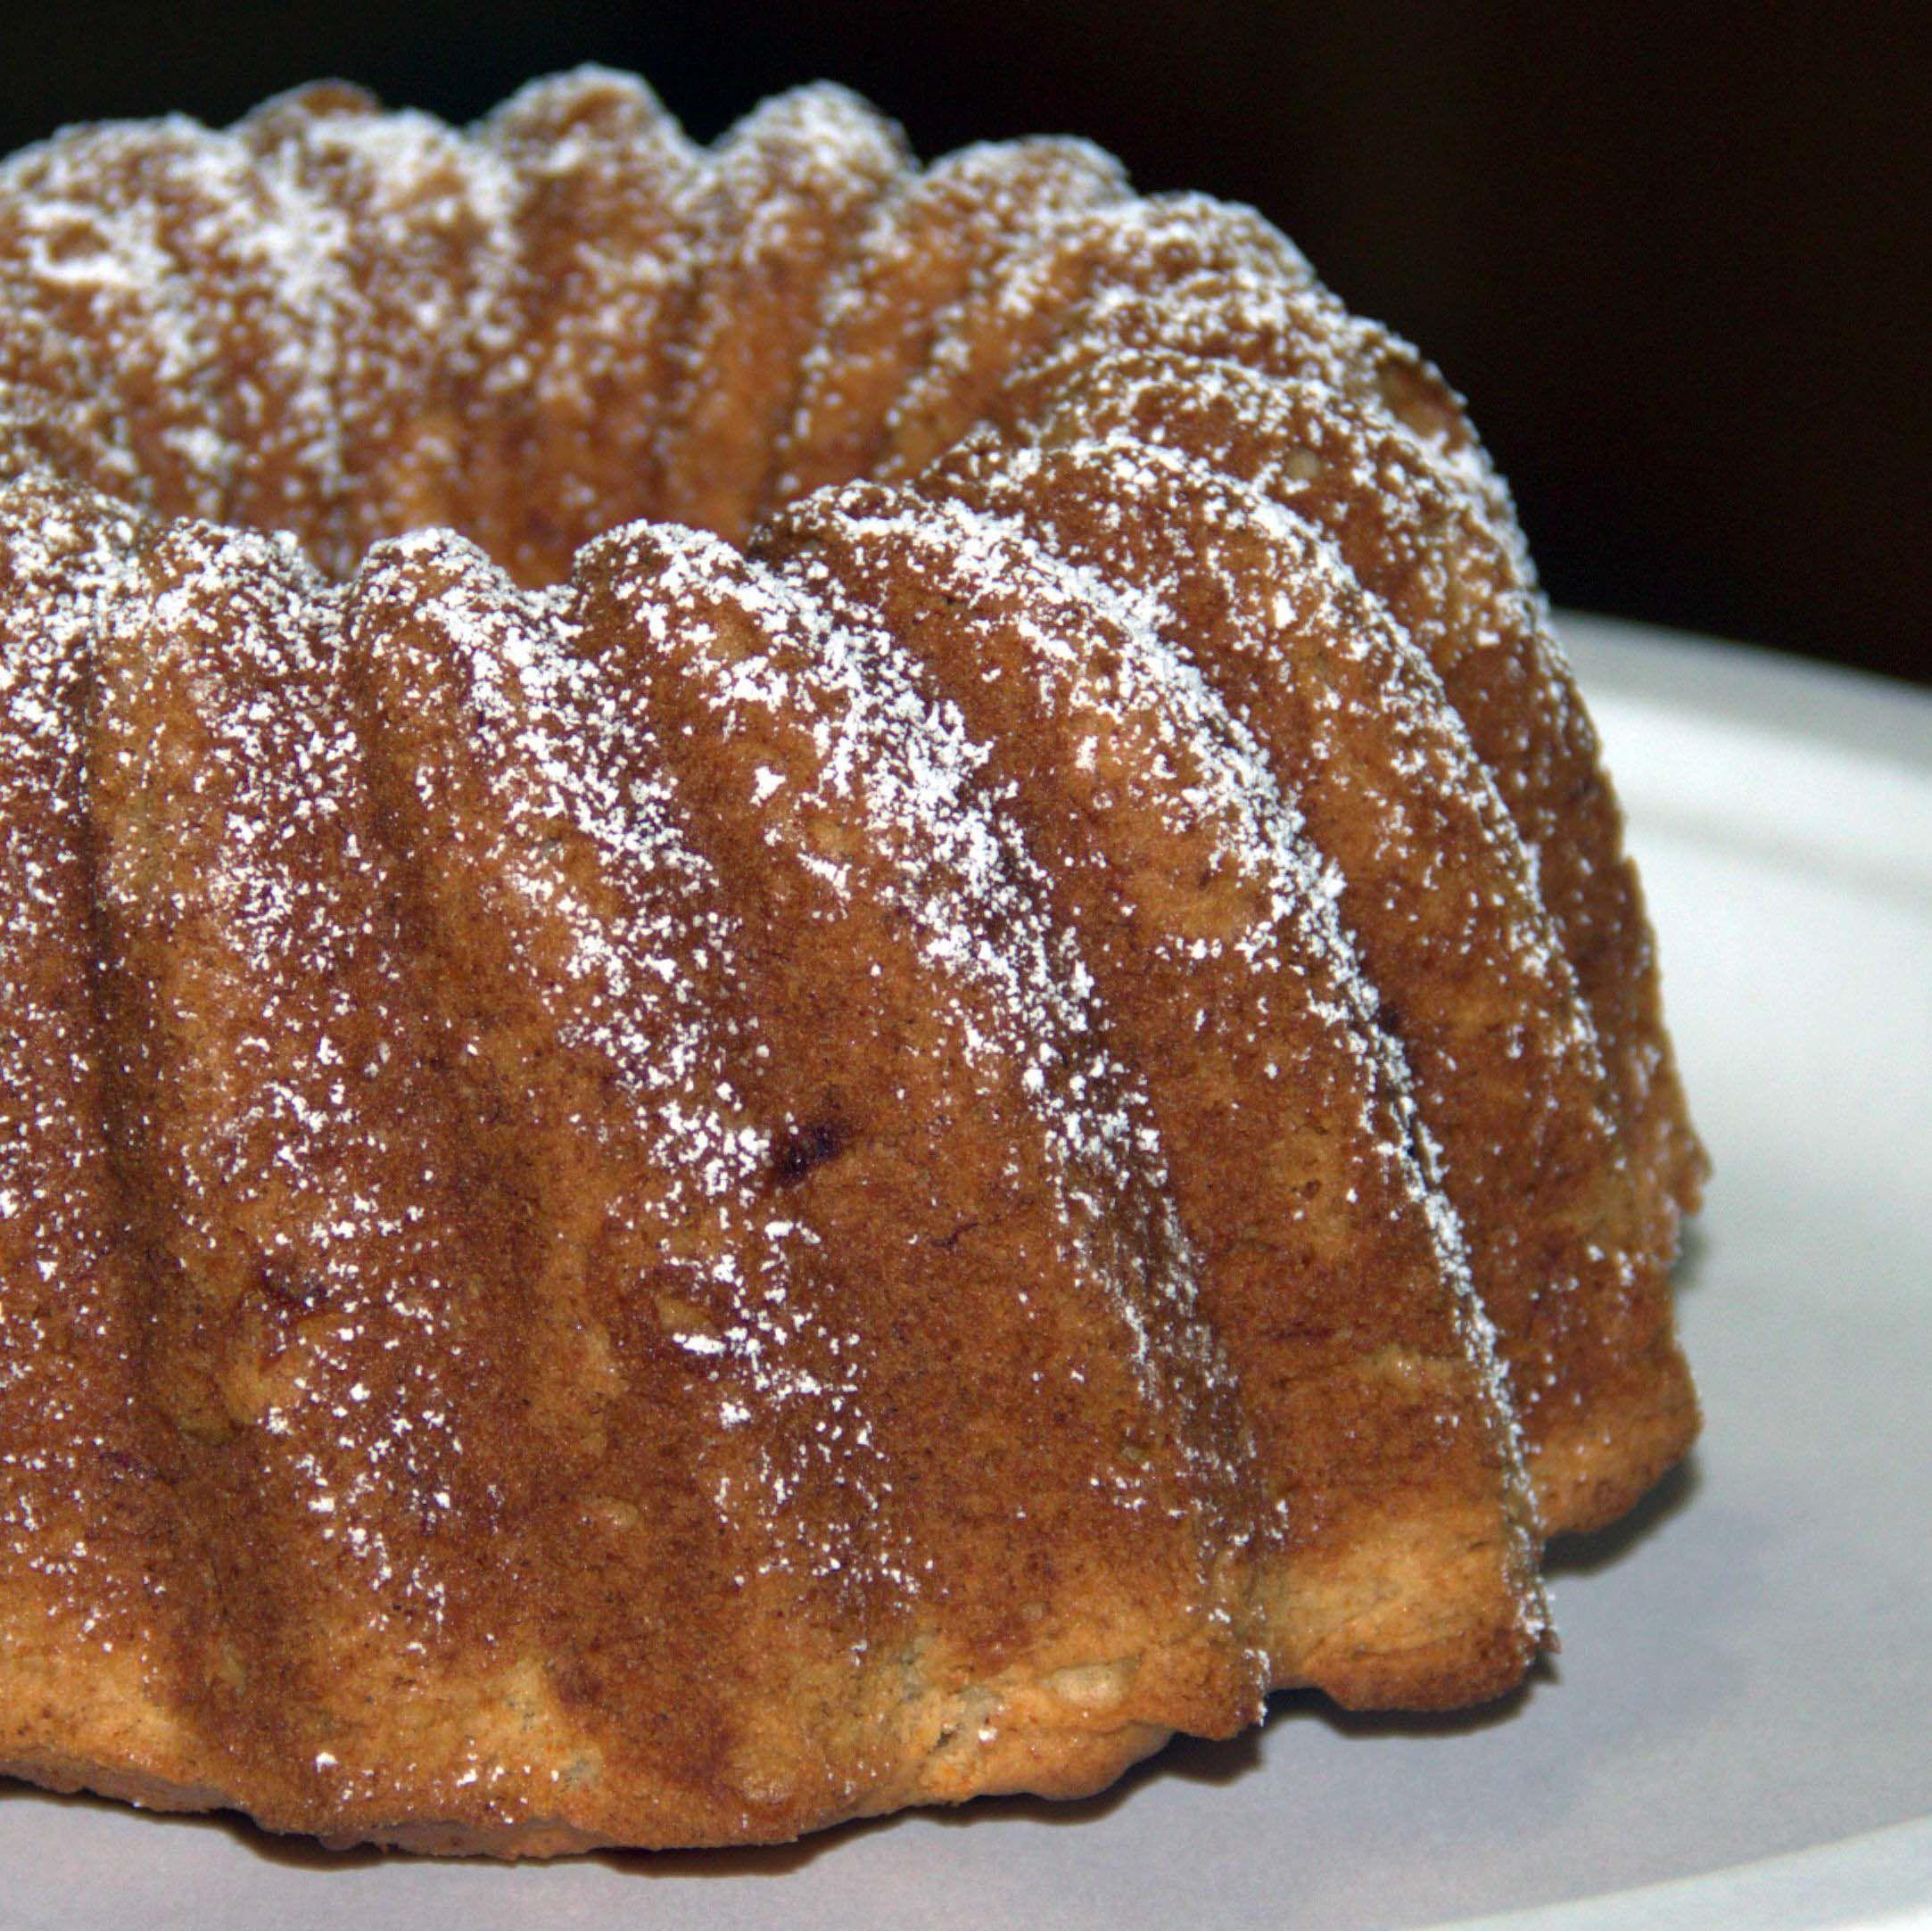 Air-Fried Banana Cake